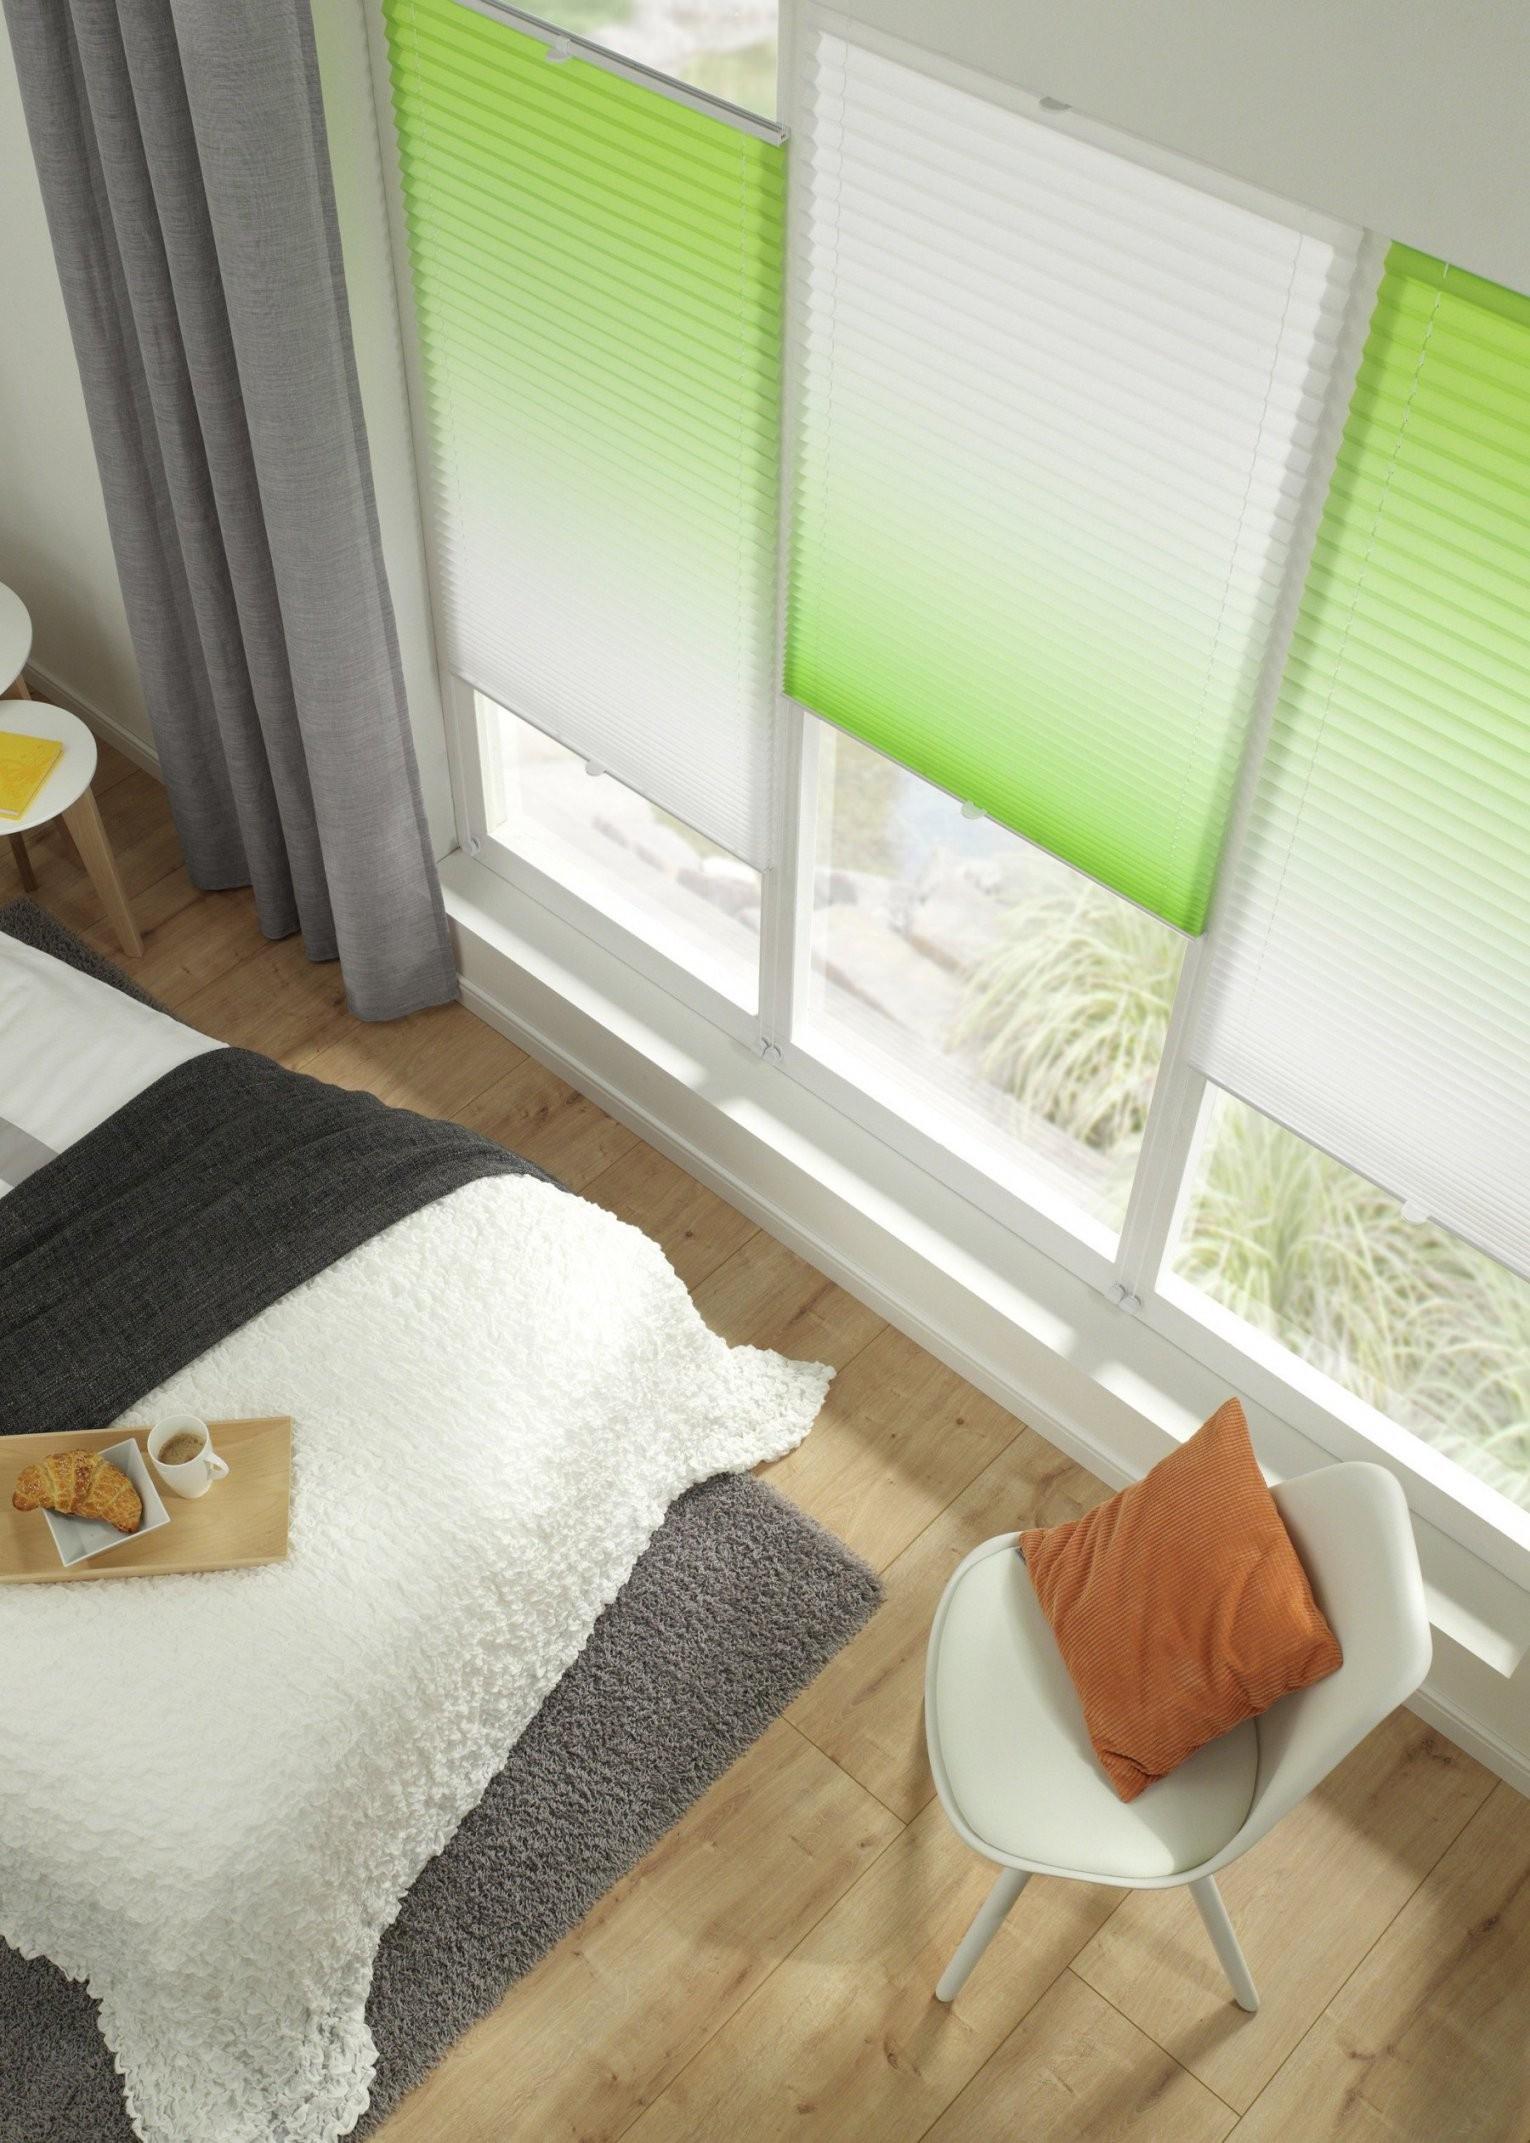 Rollos Für Fenster Innen & Plissee Günstig ⋆ Lehner Versand von Günstige Rollos Für Fenster Bild